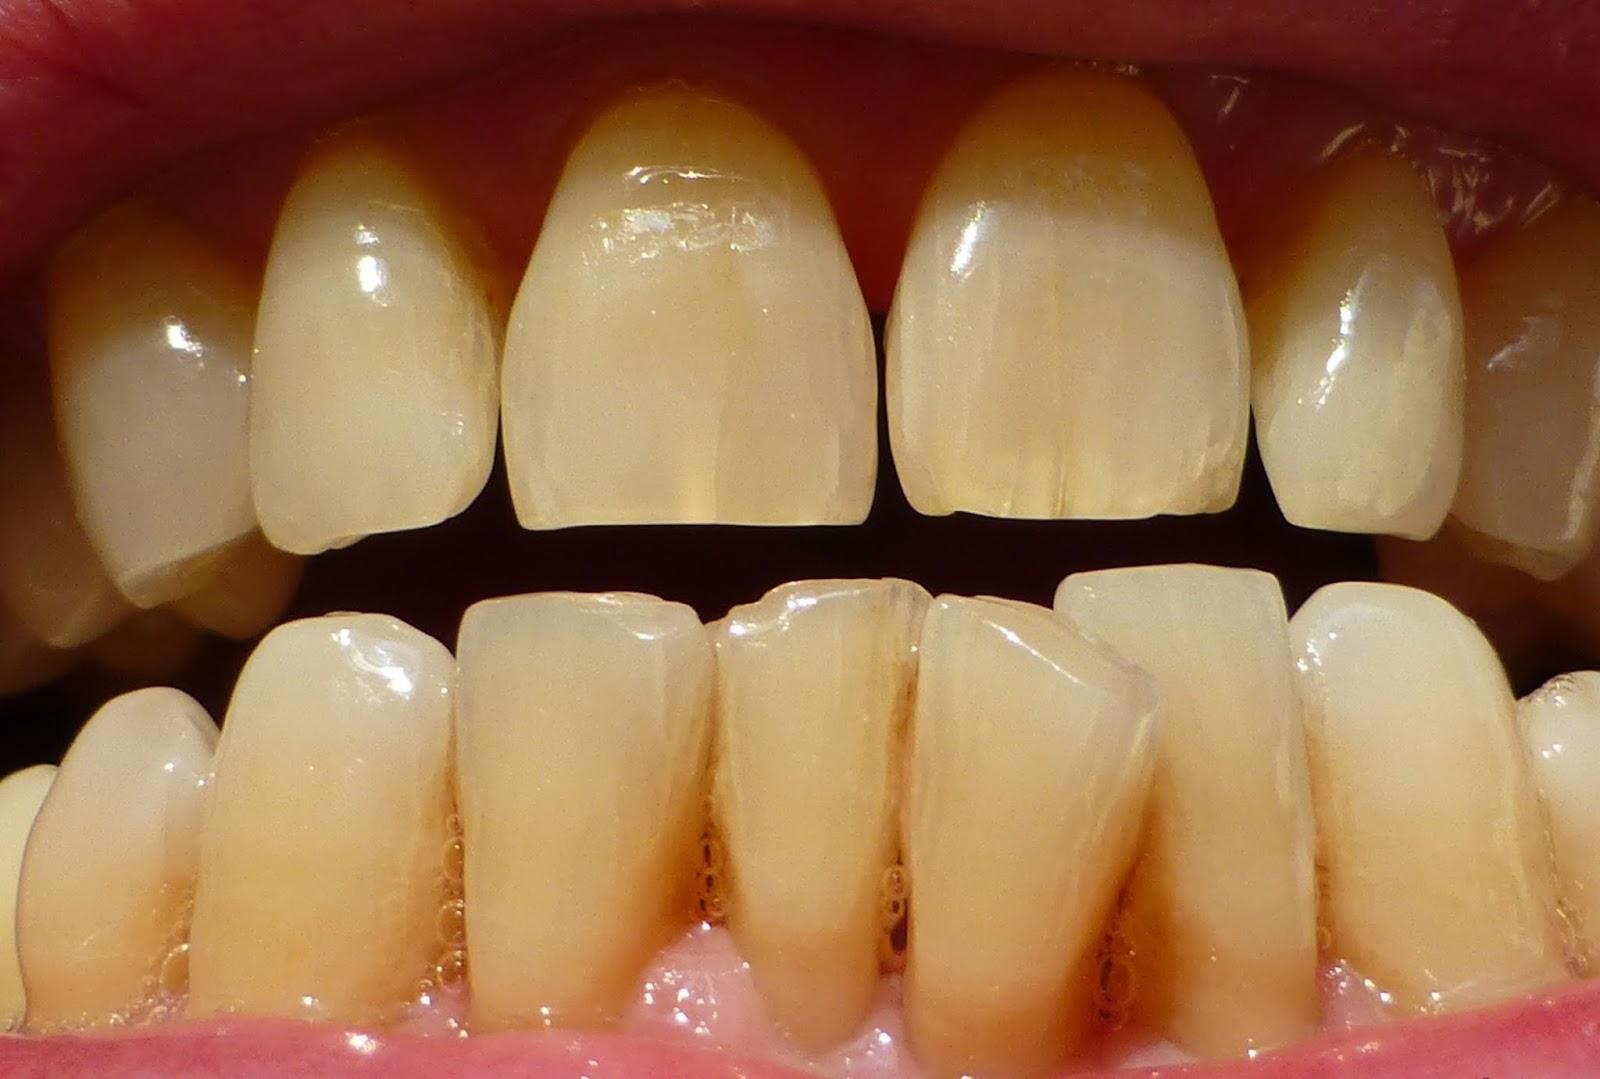 𝔹Í ℚ𝕌𝕐Ế𝕋 để có hàm răng TRẮNG như ca sĩ?? bạn đã thử chưa? 1